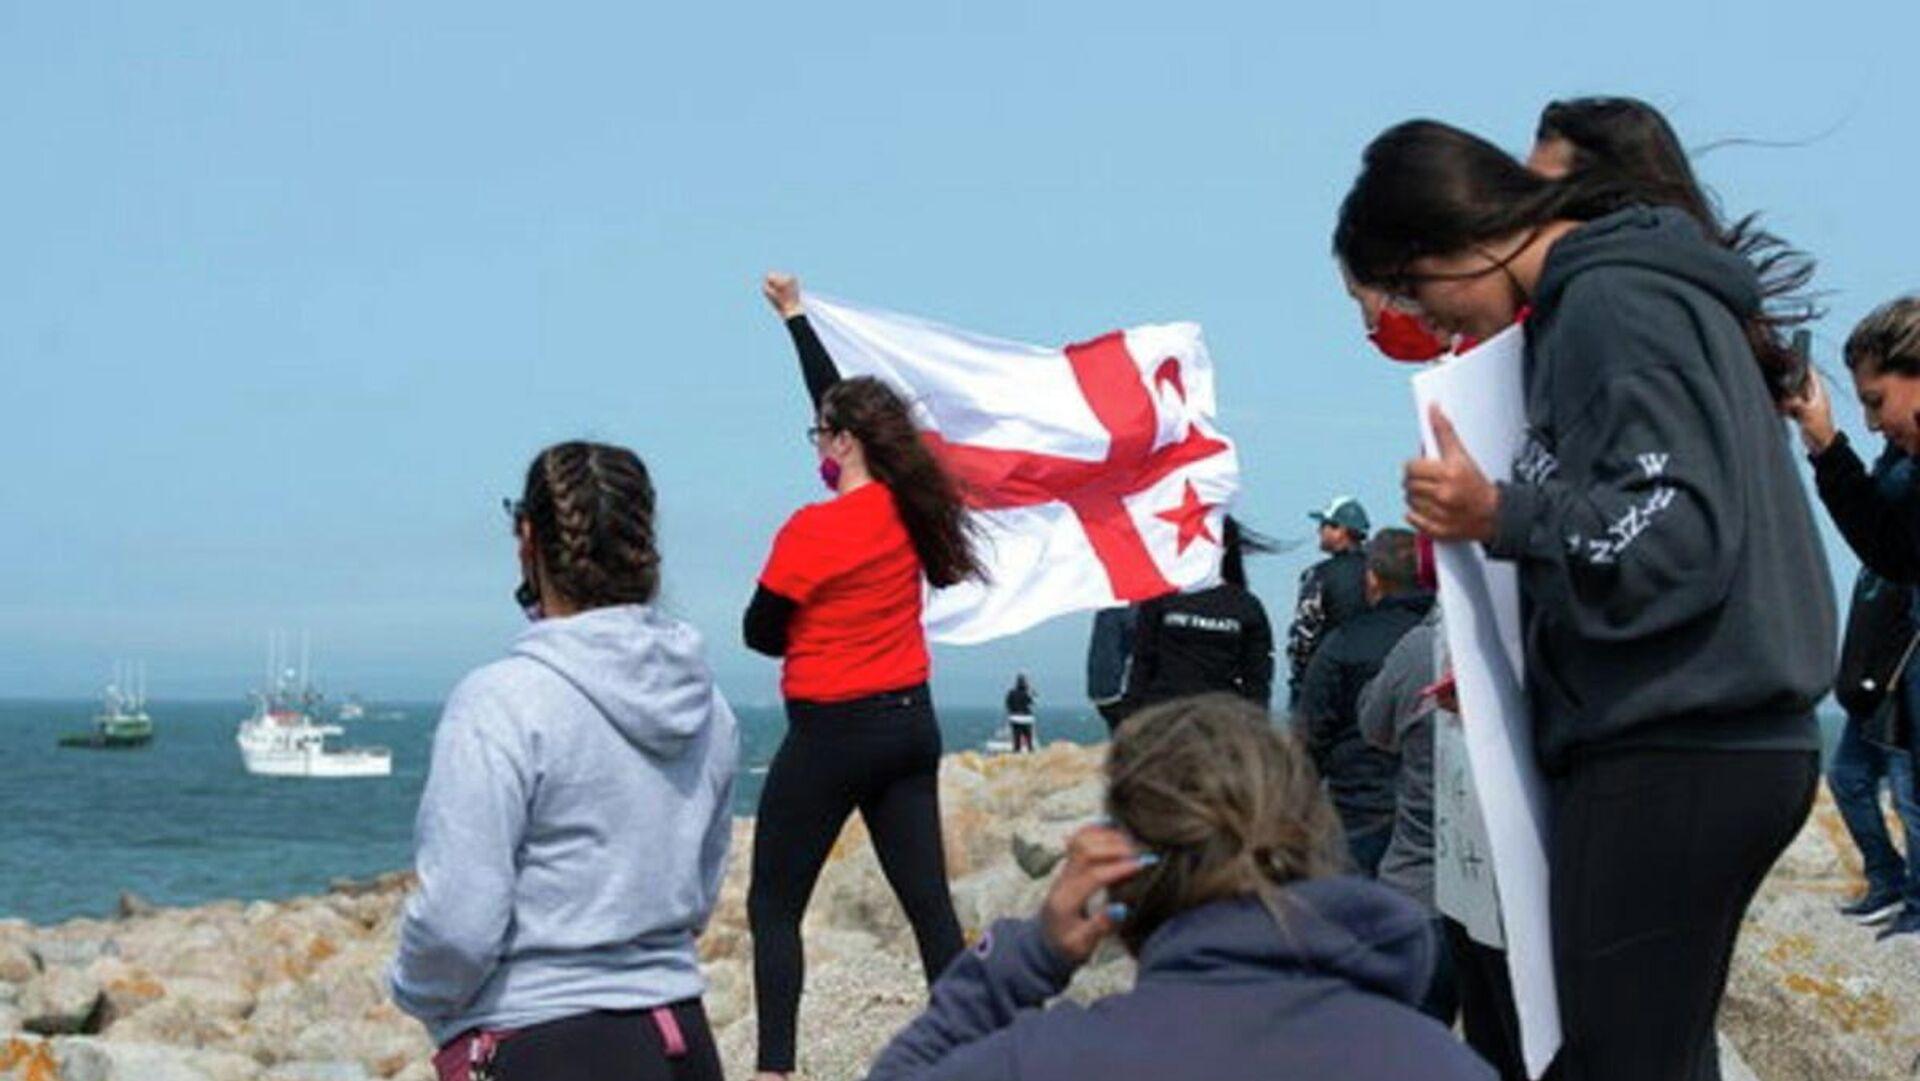 Representantes del pueblo micmac en protesta a favor de sus derechos de pesca en Canadá, el 17 de septiembre del 2020 - Sputnik Mundo, 1920, 16.05.2021